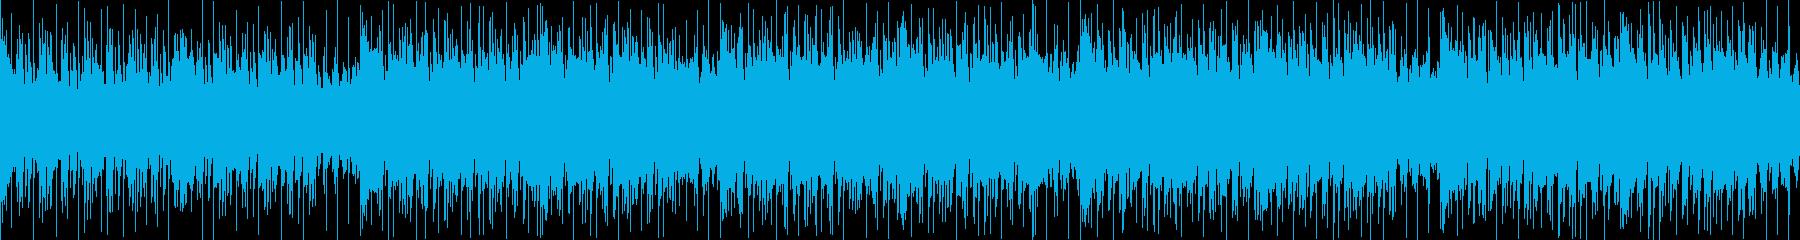 Trance系の楽曲です。の再生済みの波形